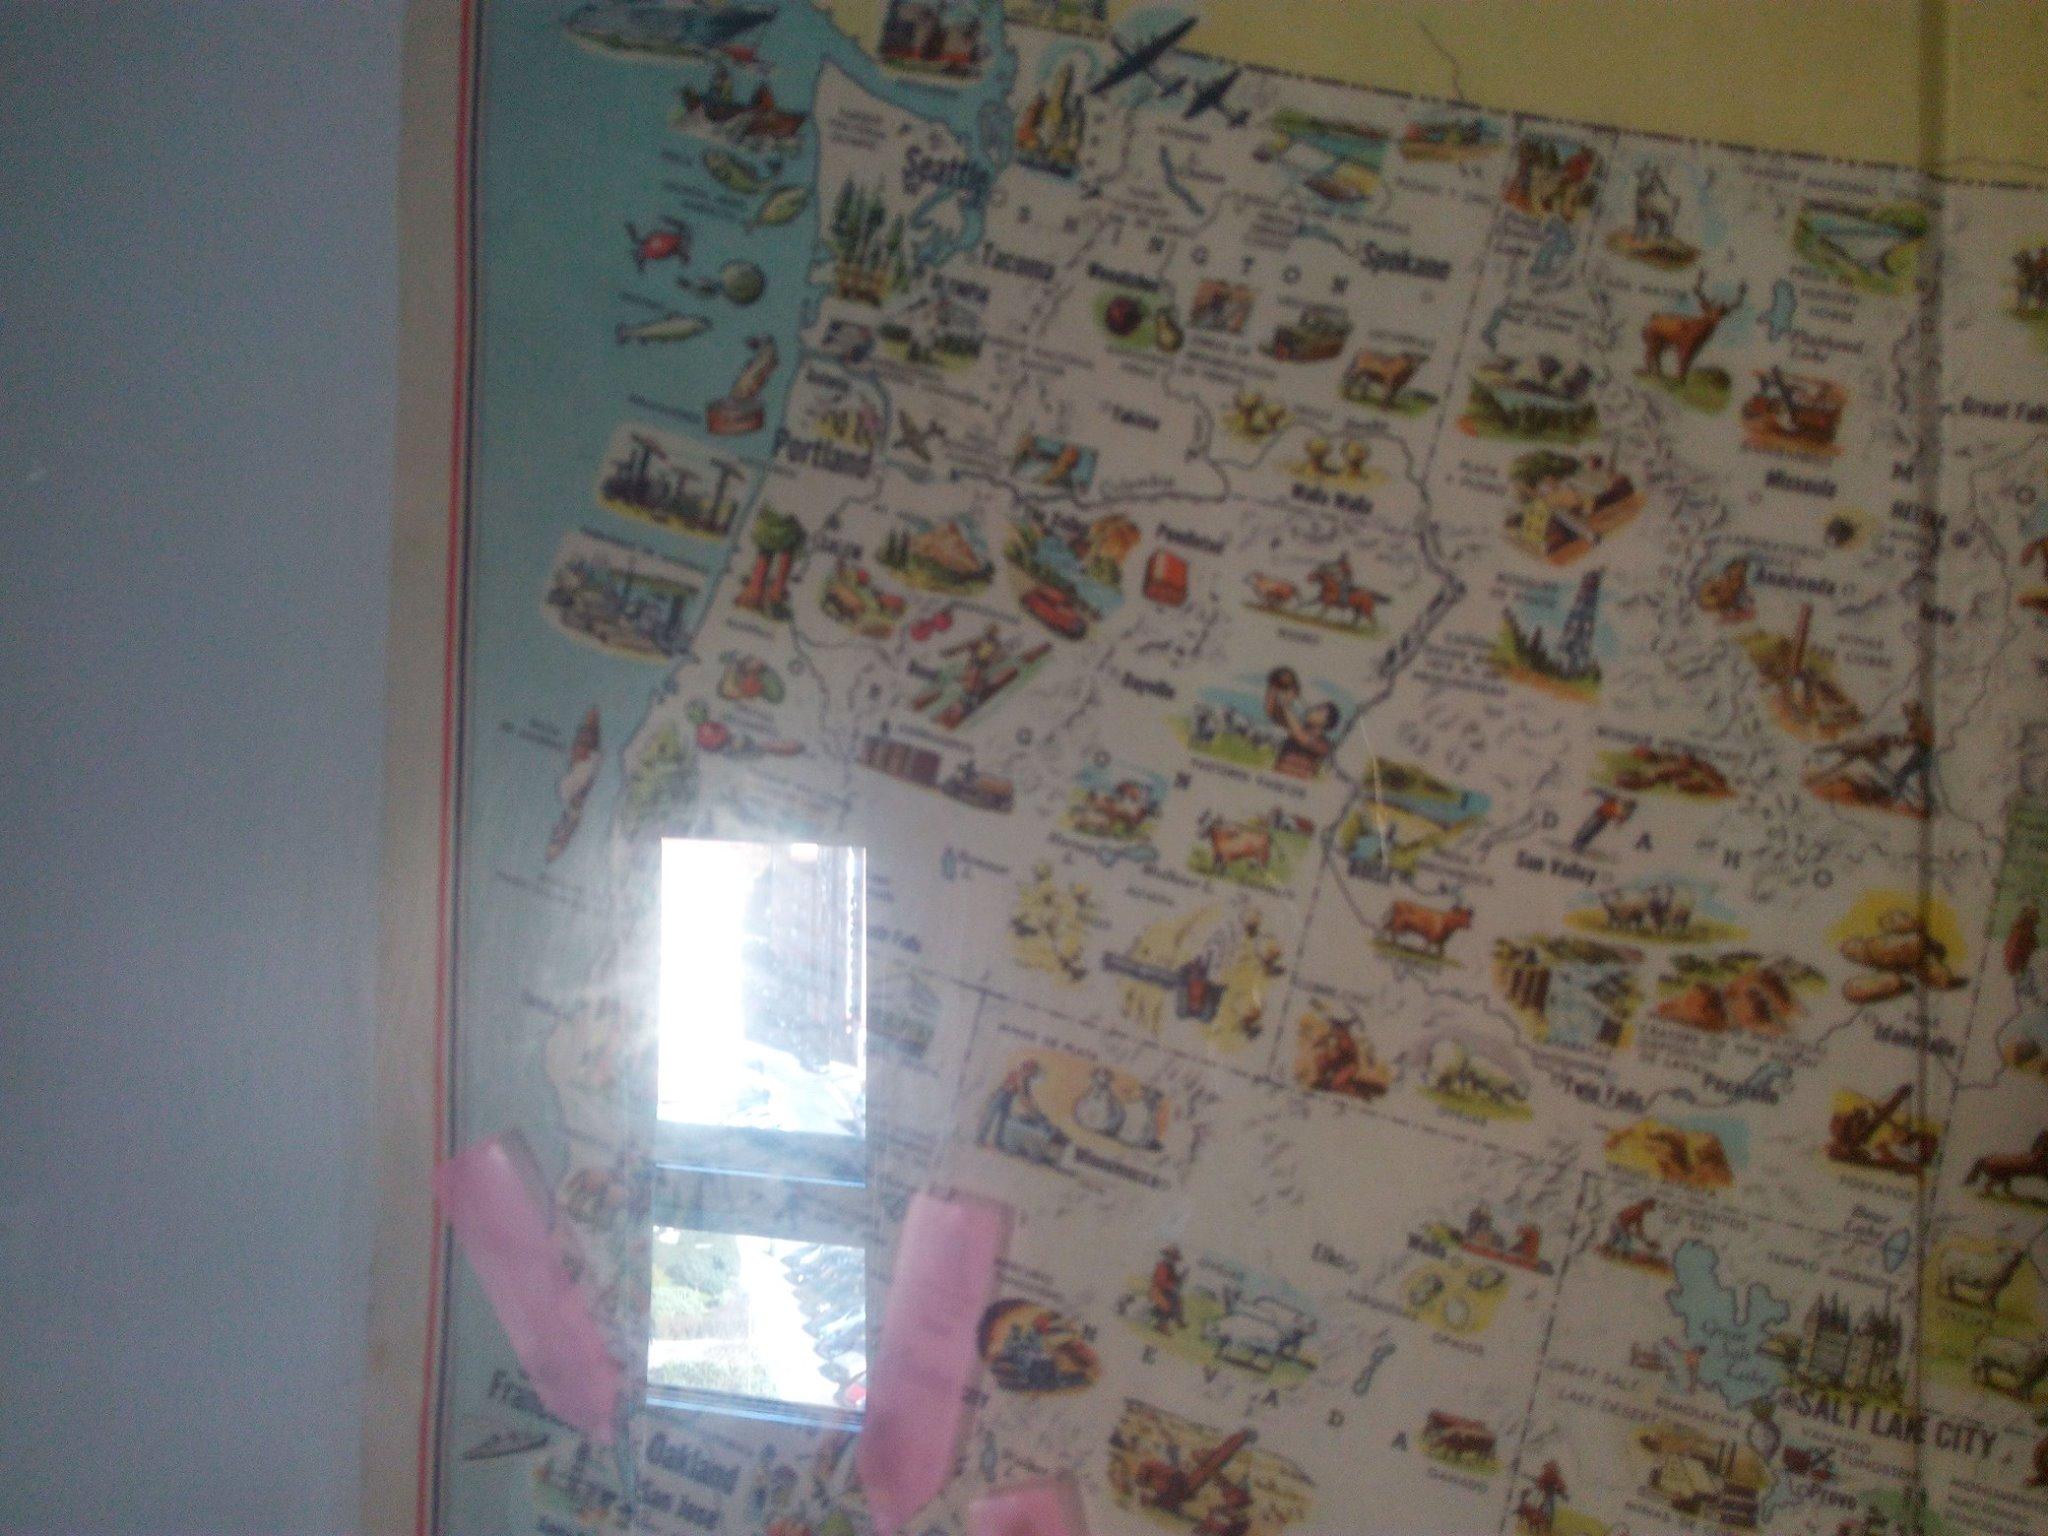 mapa usa en bilbao 2